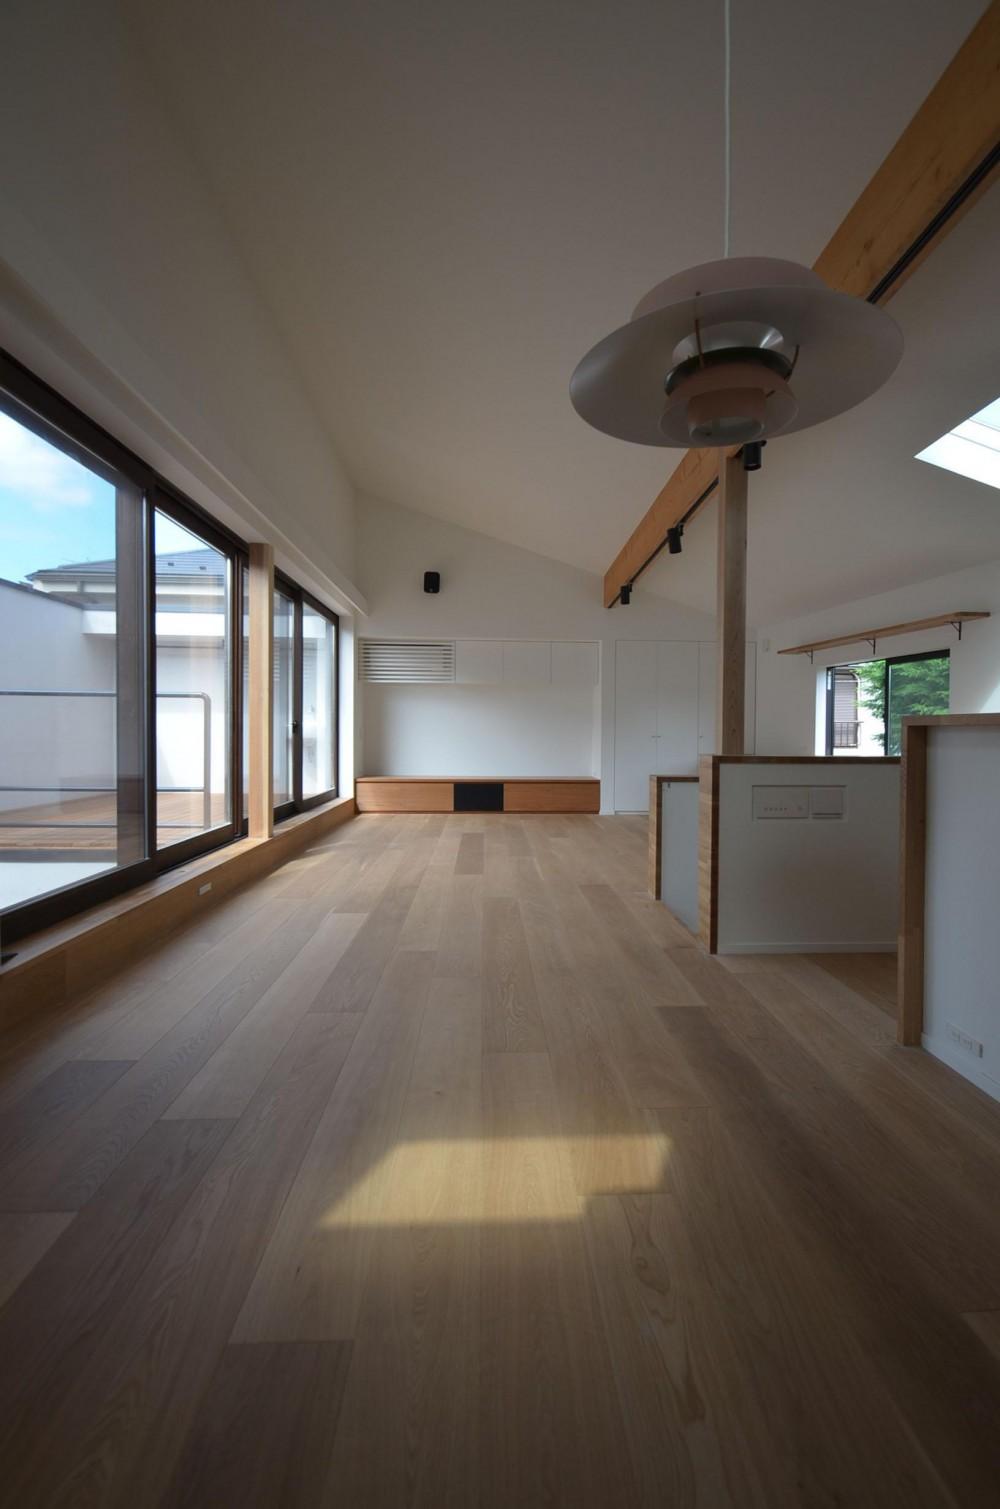 桃井M邸-中庭を中心としたコの字配置の立体コートハウス- (リビング)